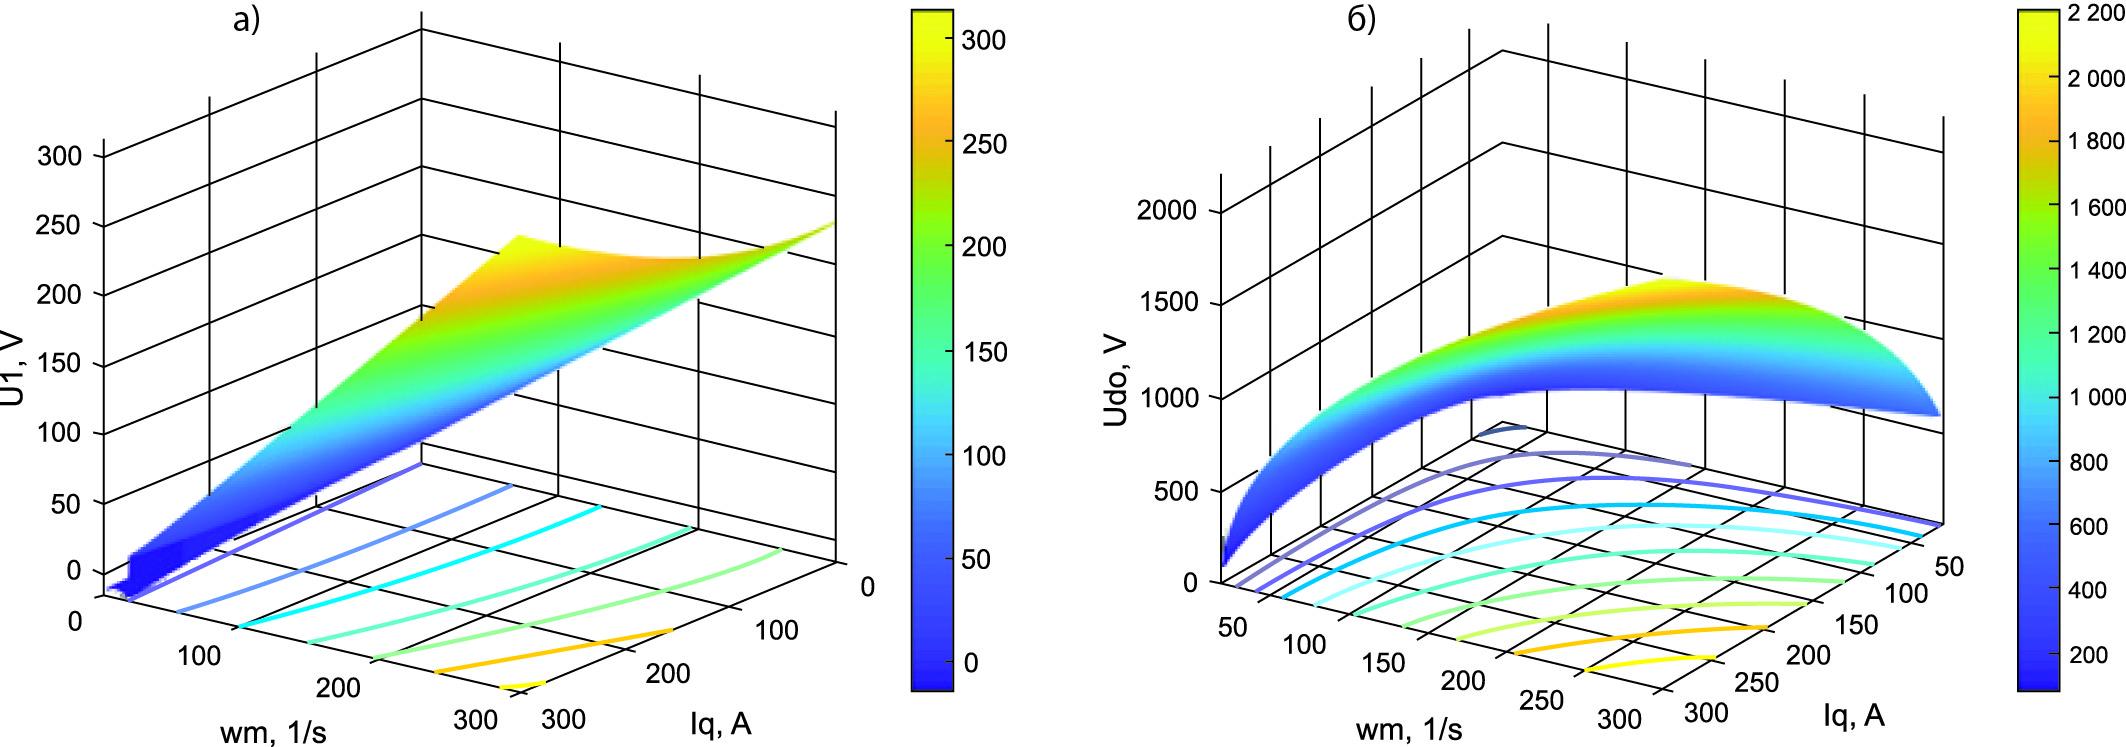 Электромагнитные характеристики в системе при управлении АВ в пространственных координатах